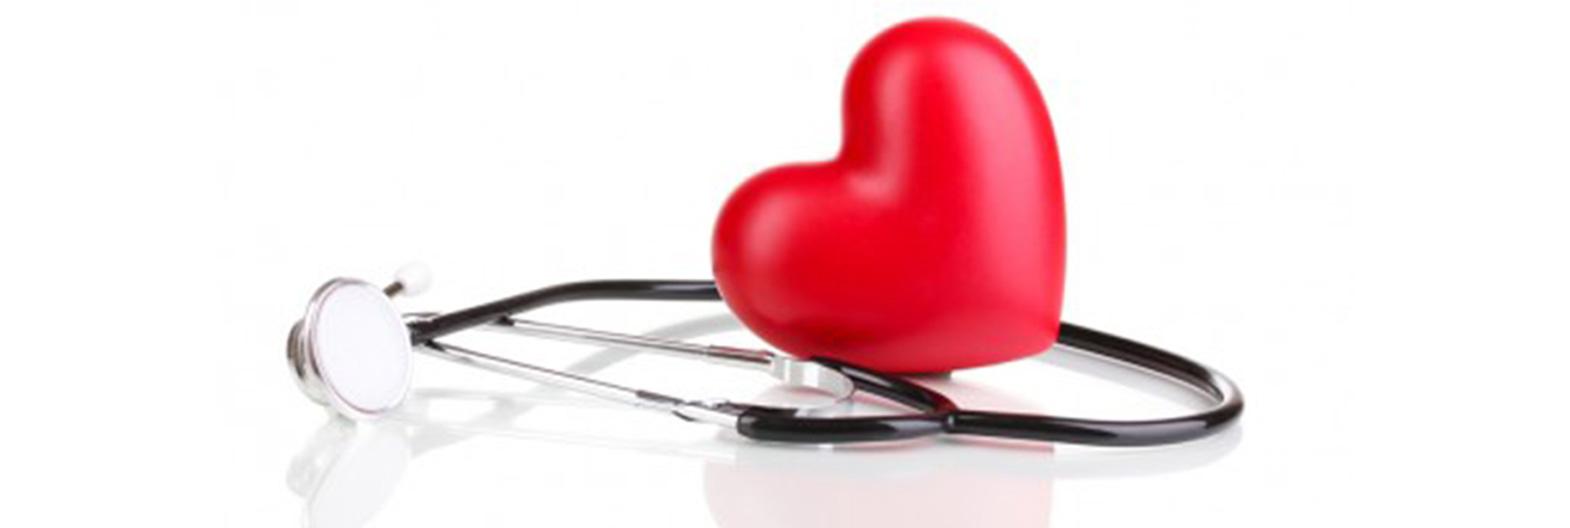 Man buvo nustatyta hipertenzijos priežastis)